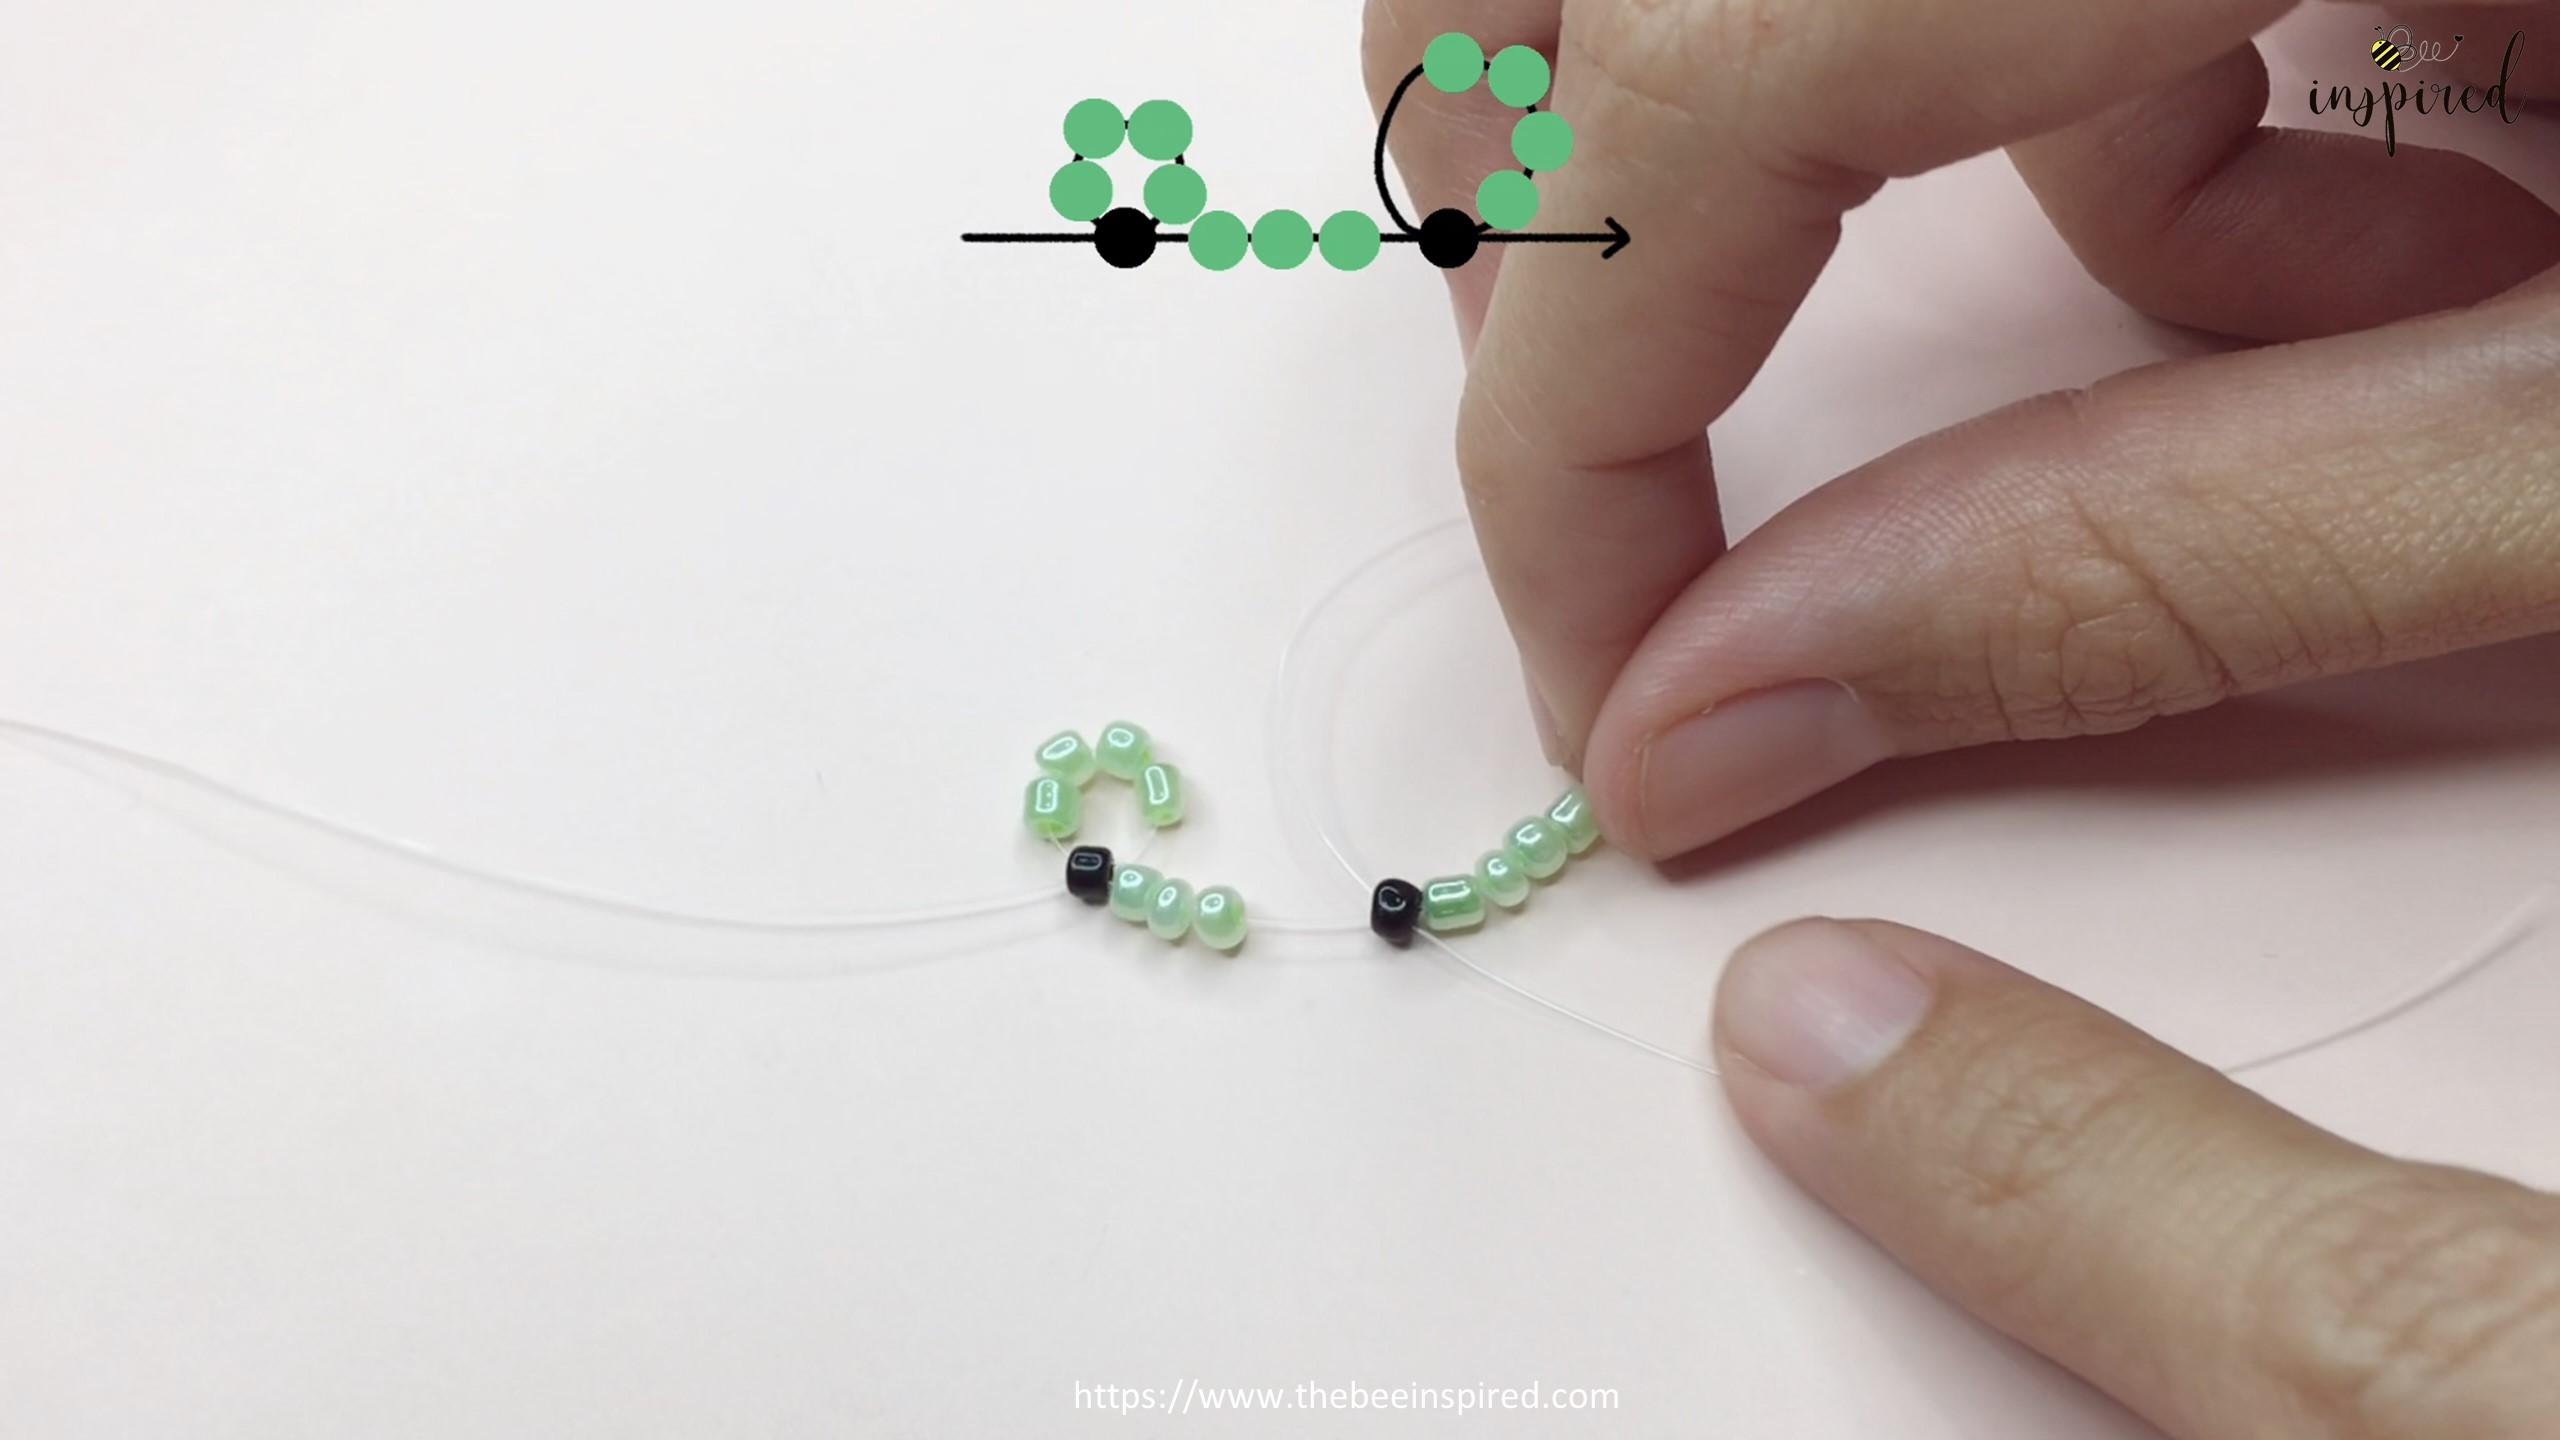 สอนร้อยแหวนลูกปัดลายกบ Kero ทำง่ายๆ สไตล์เกาหลี - How to Make Kero Frog Beaded Ring_7